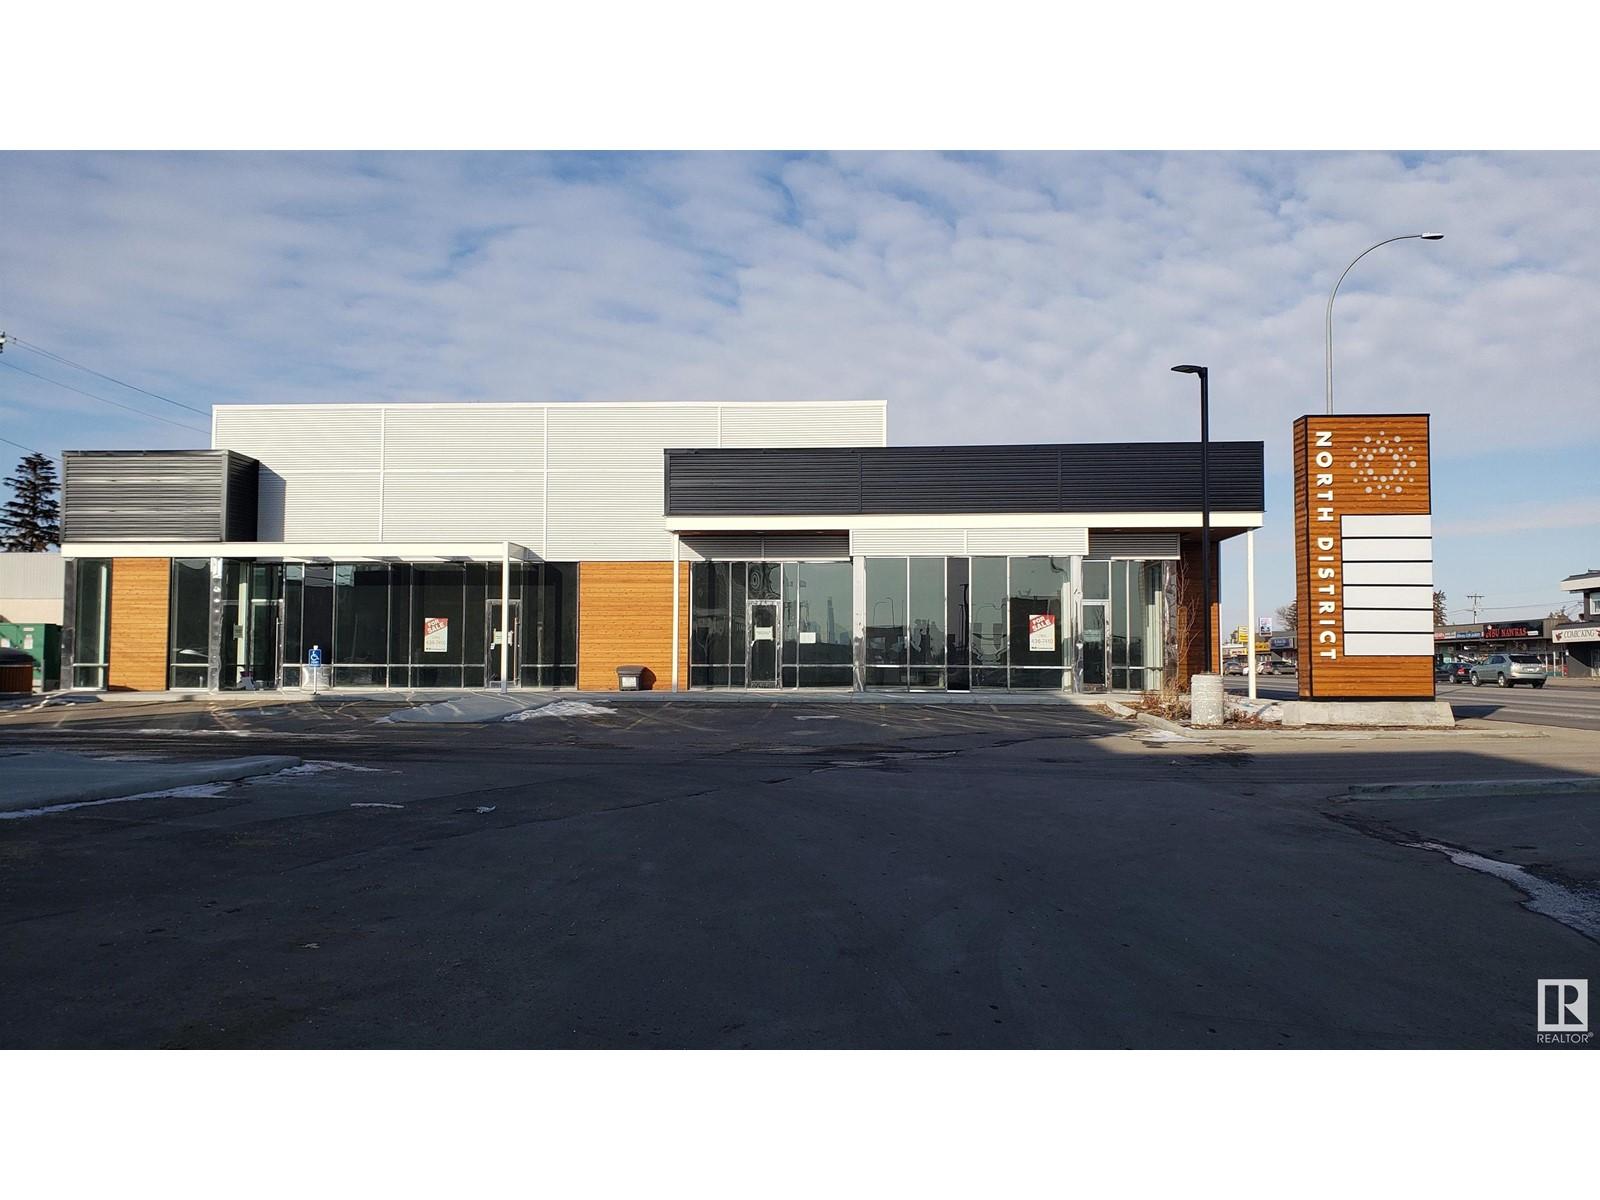 12840 97 St Nw Nw, Edmonton, Alberta  T5E 4C3 - Photo 1 - E4222992